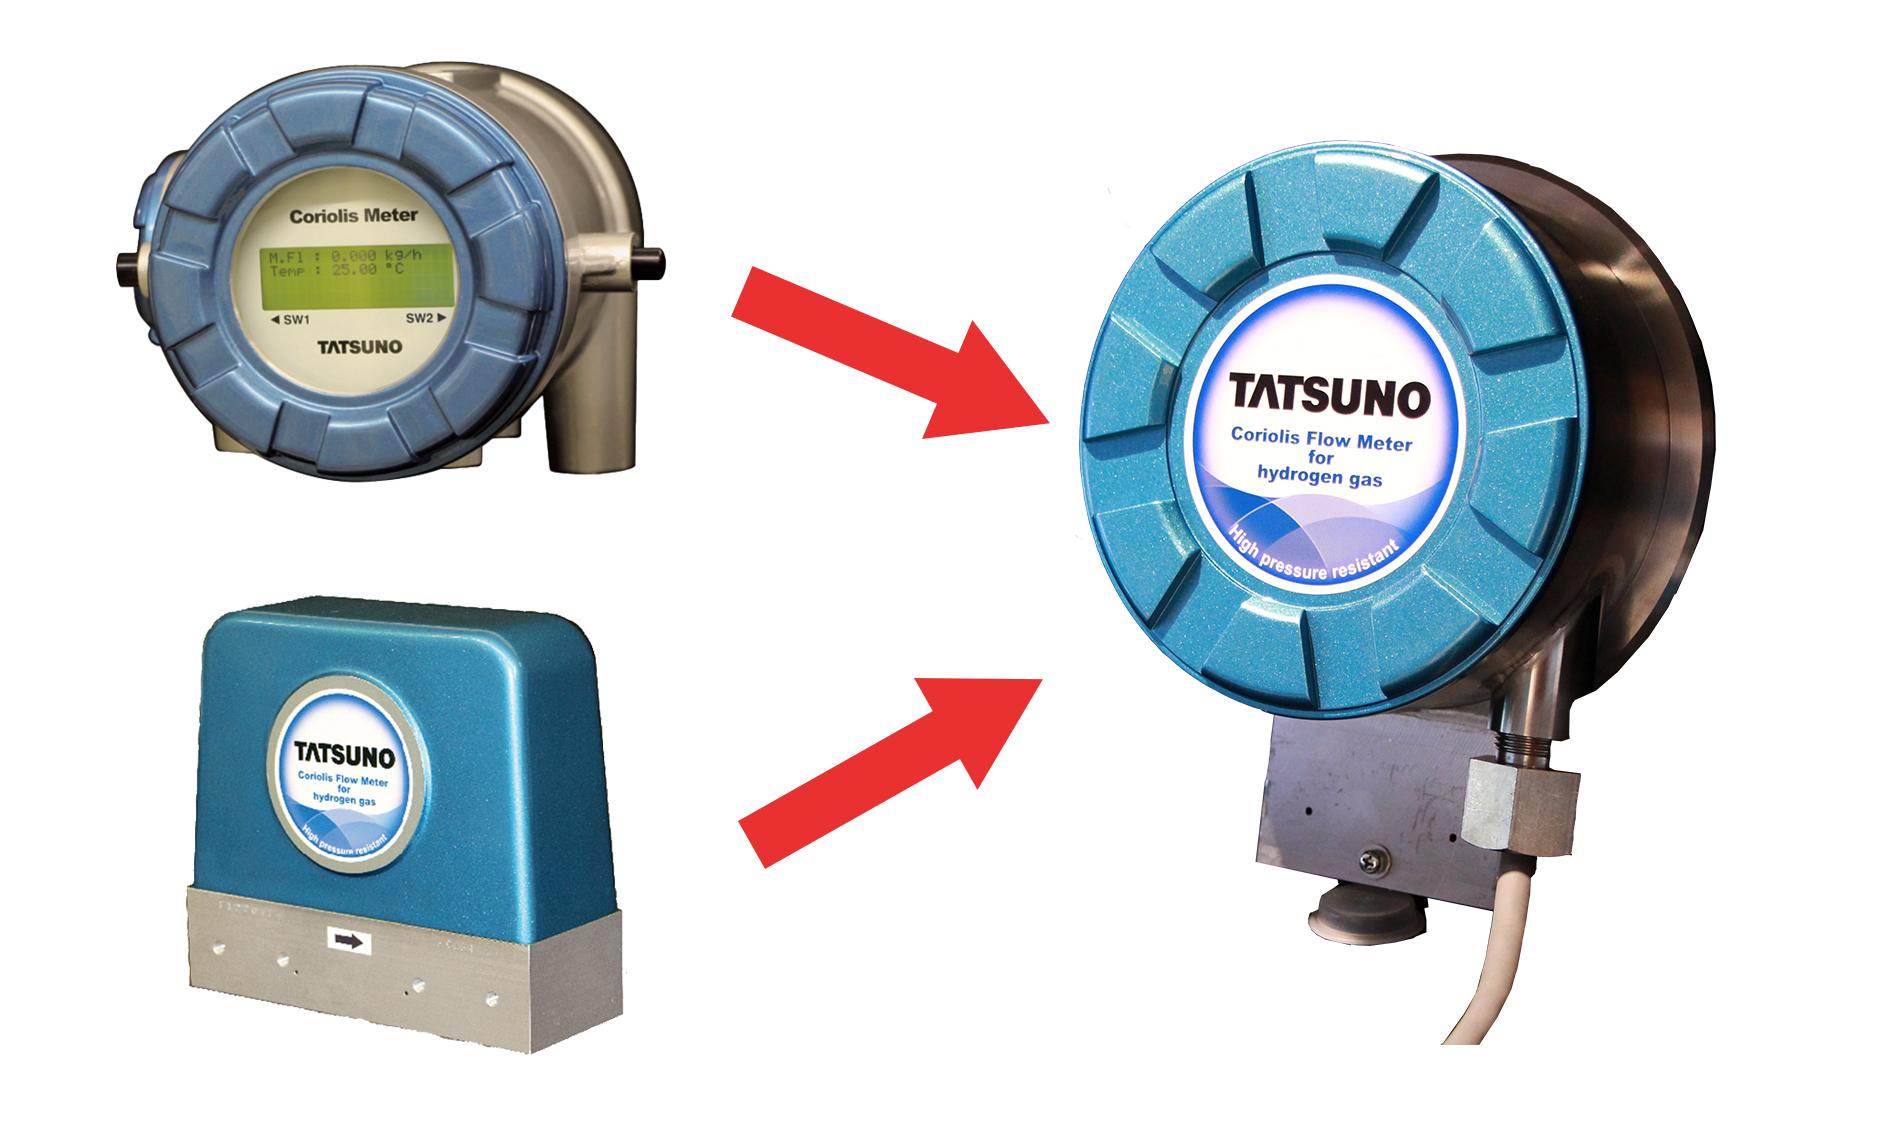 水素用コリオリ流量計の特徴